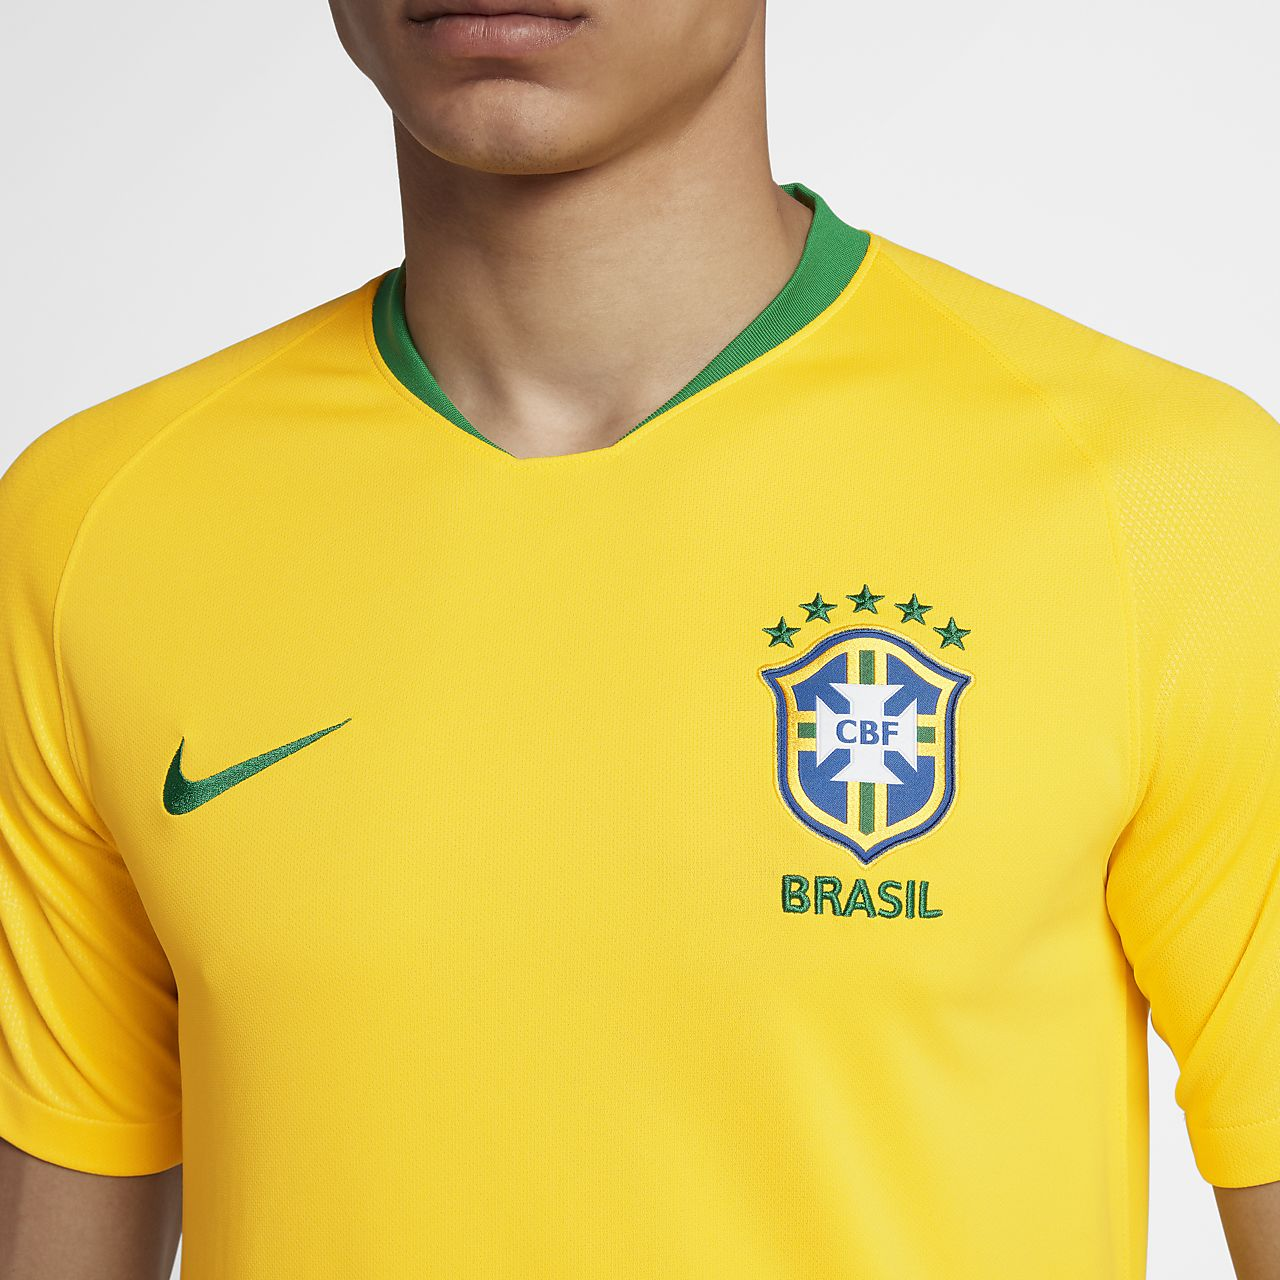 Maillot Nike Brasil CBF Stadium Home Homme